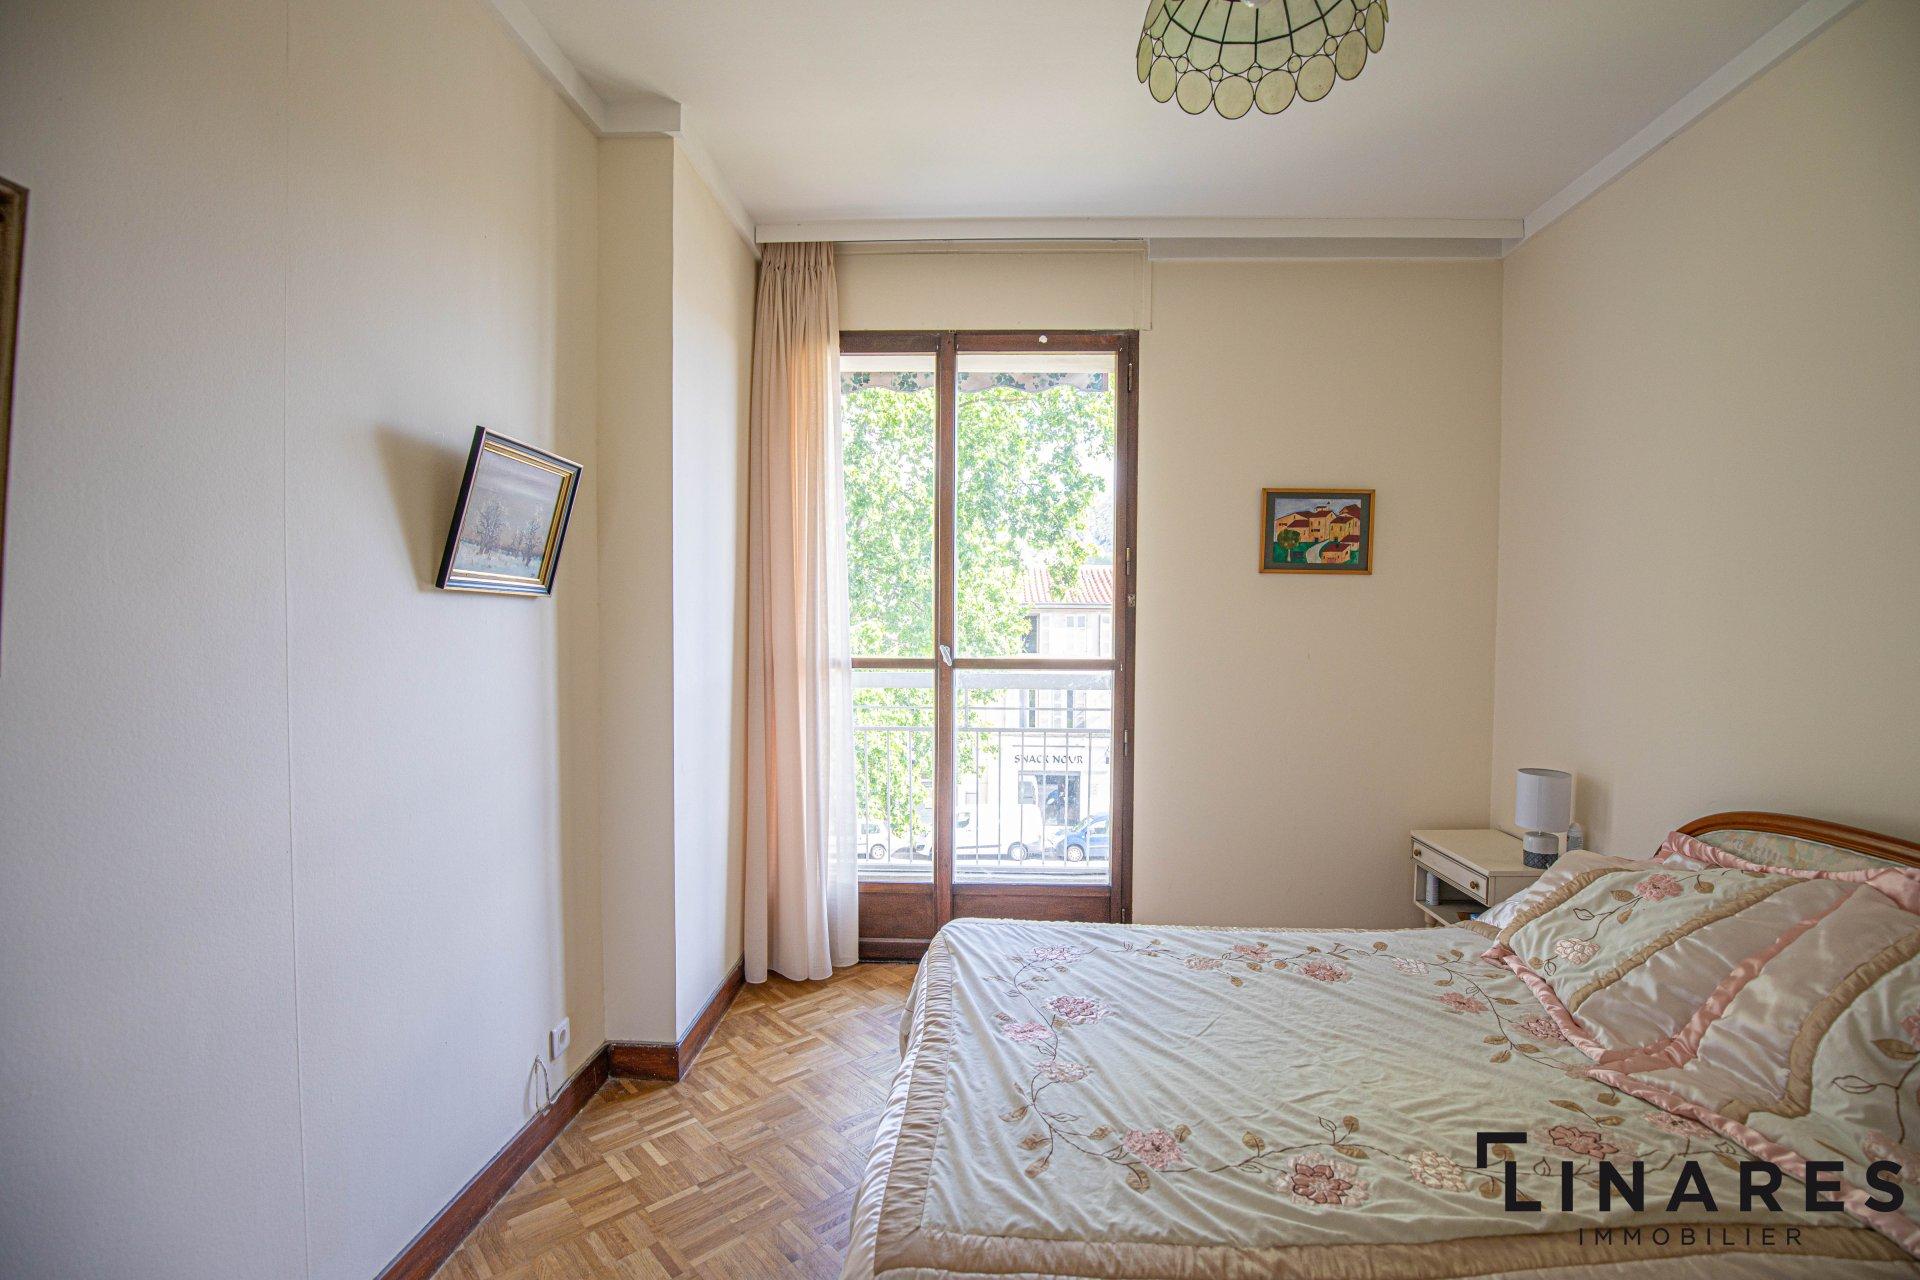 LE LOUP - Appartement T3 de 77m2 avec Extérieur  - 13010